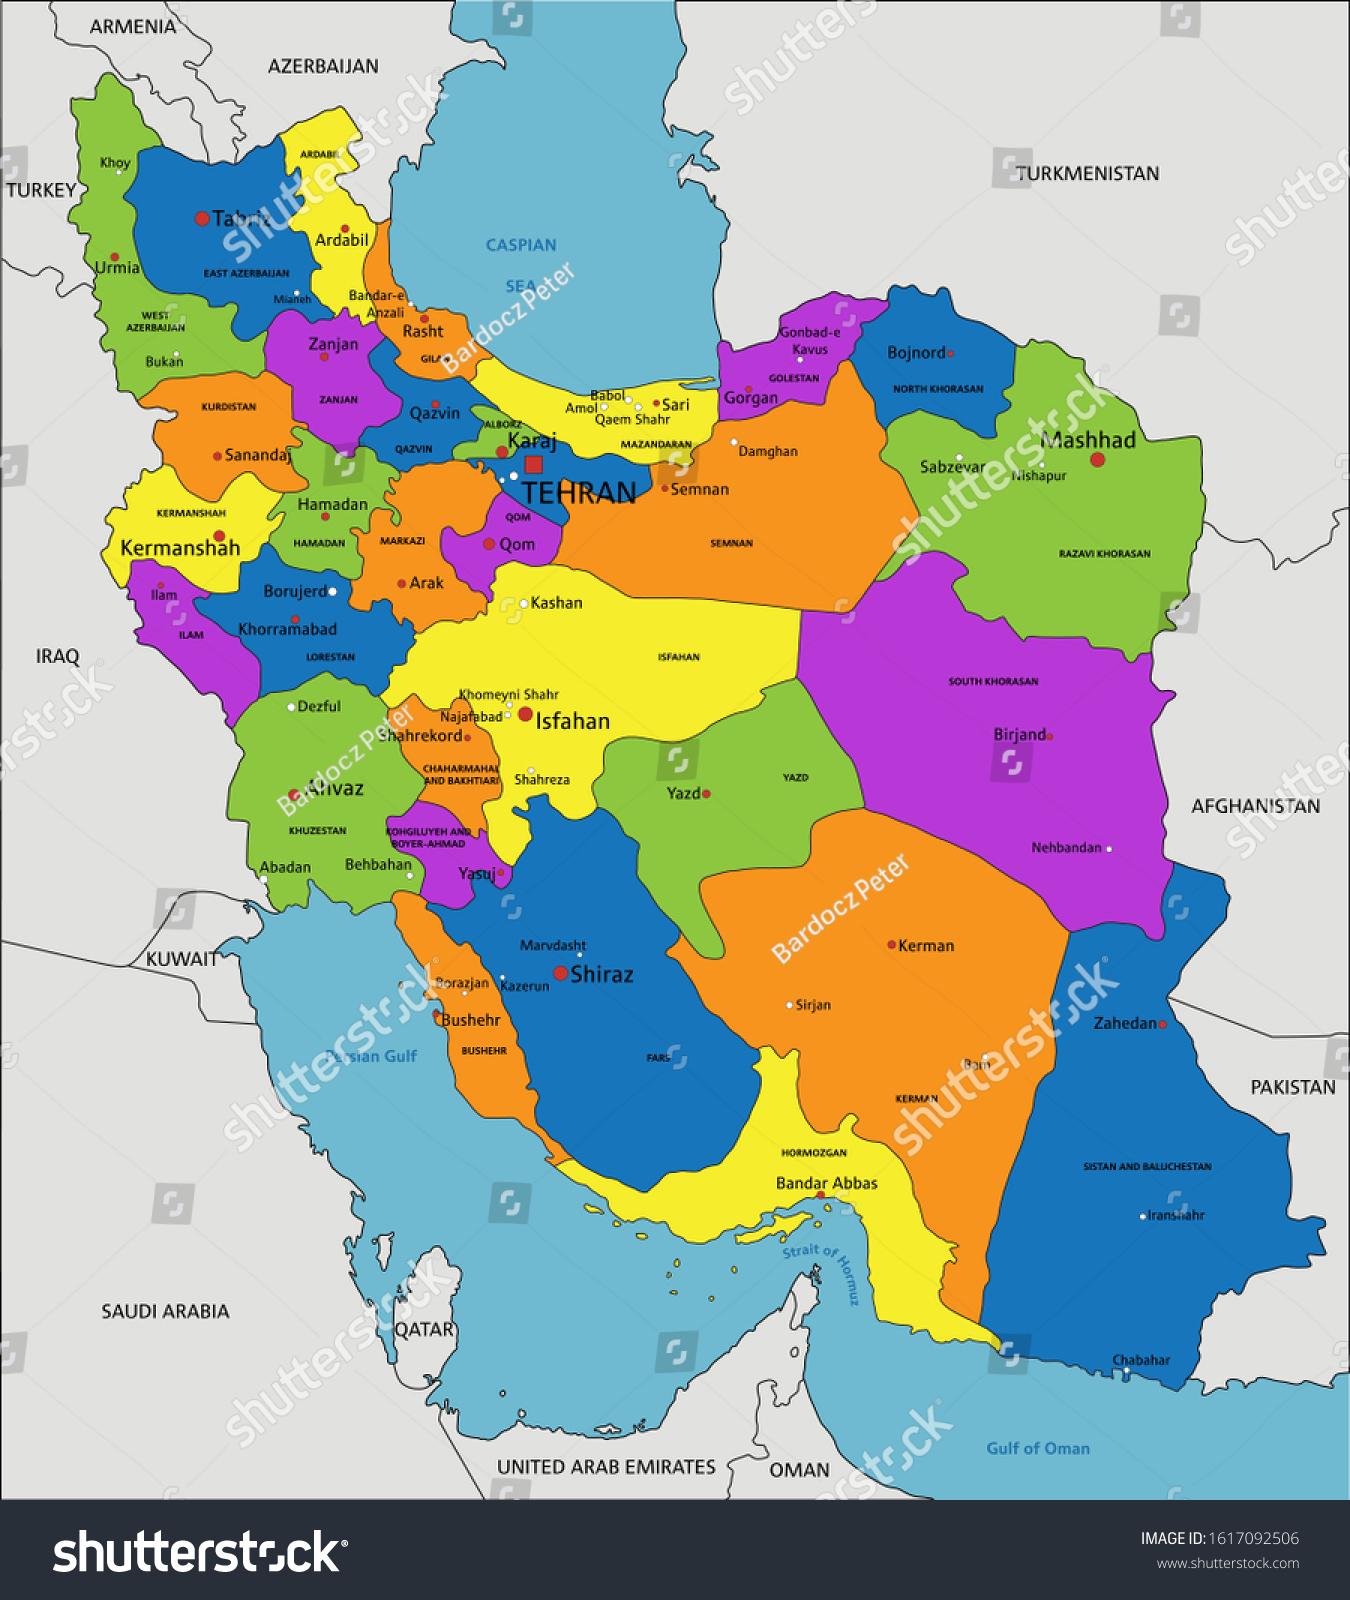 Image of: Vector De Stock Libre De Regalias Sobre Colorful Iran Political Map Clearly Labeled1617092506